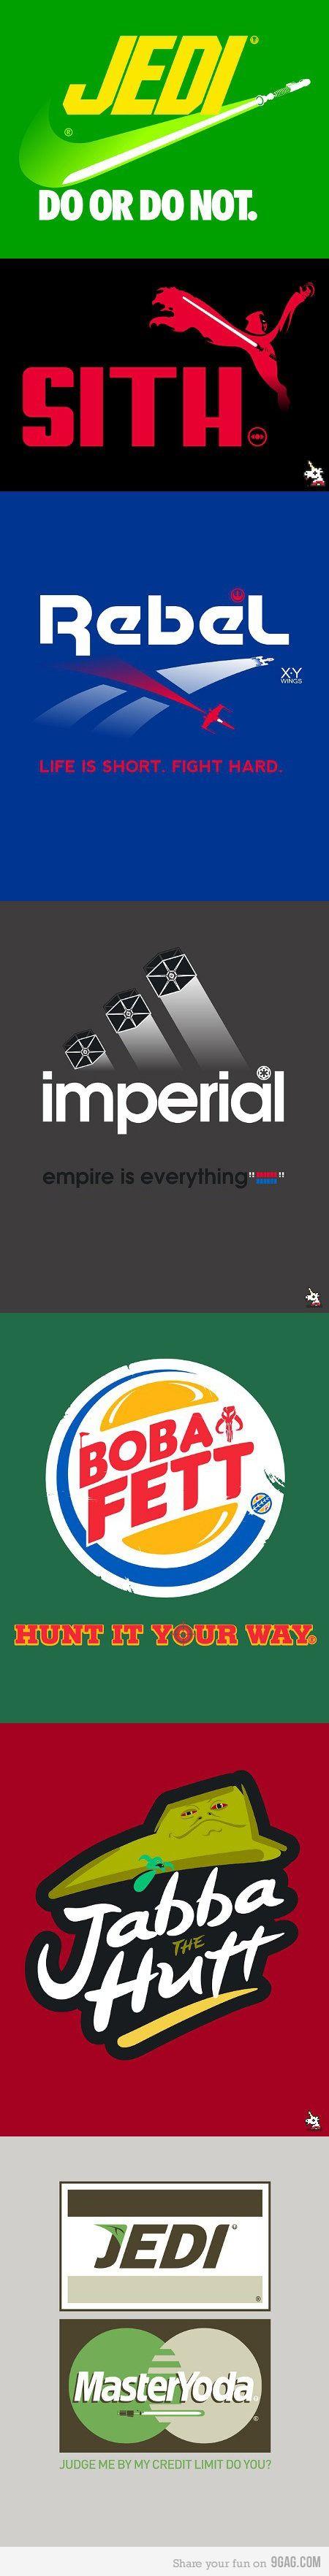 Epic Star Wars nerdgasm.